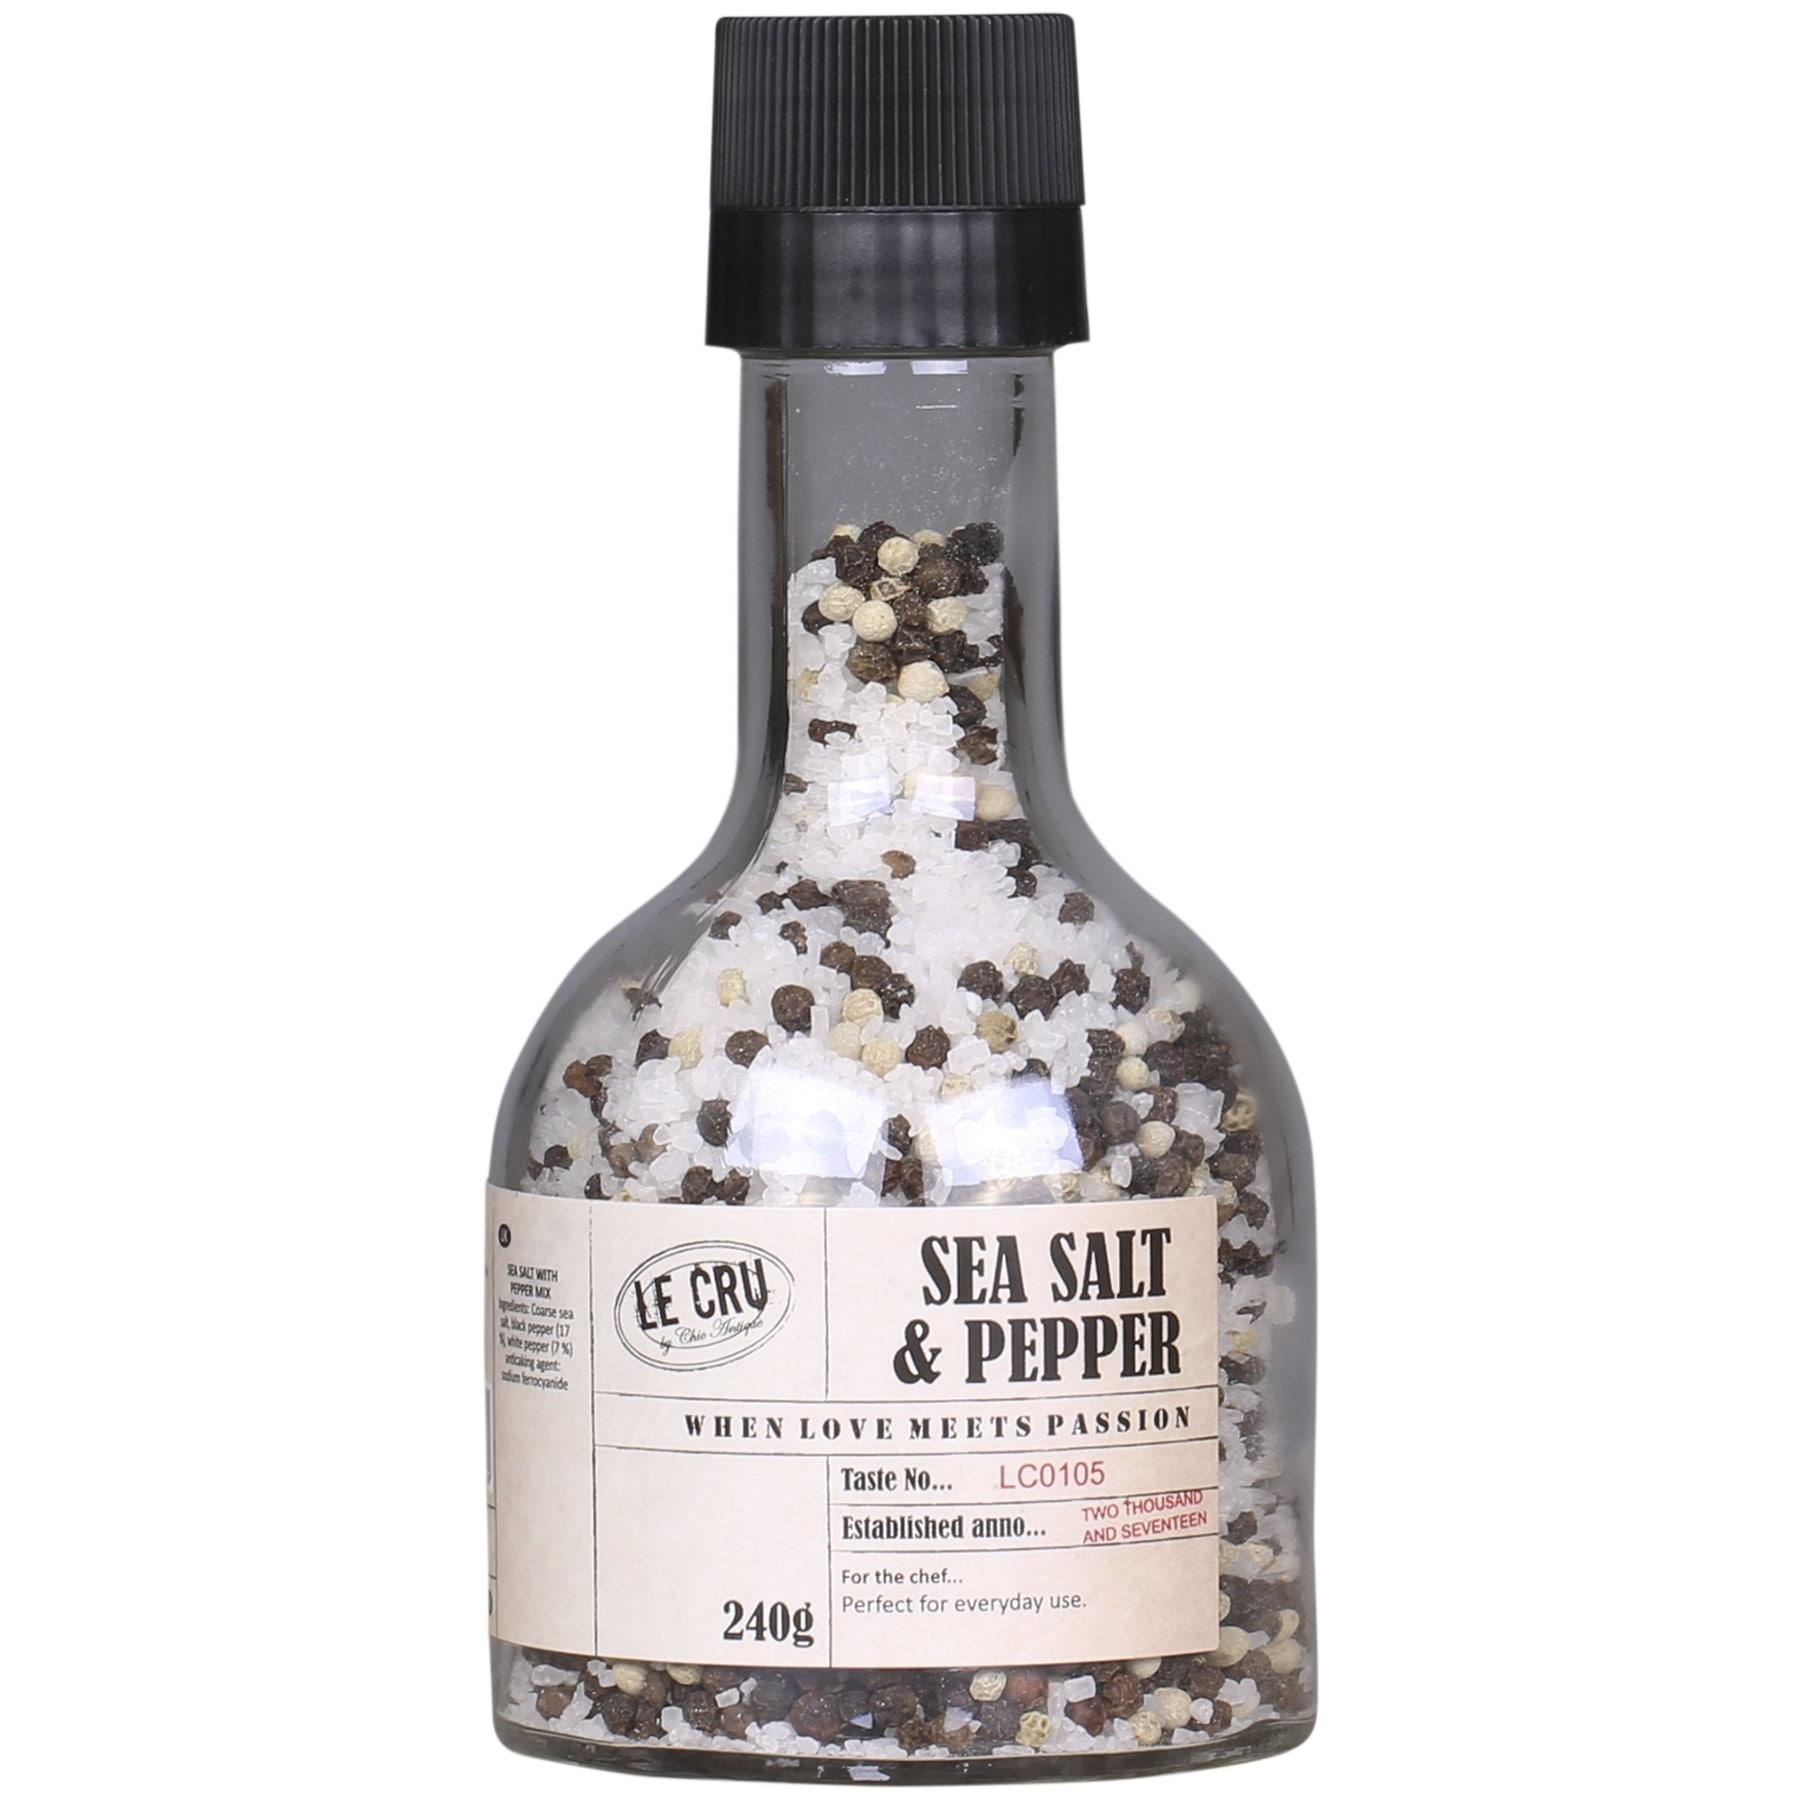 LE CRU Delicacies Směs soli a pepře v mlýnku 240 g, čirá barva, sklo